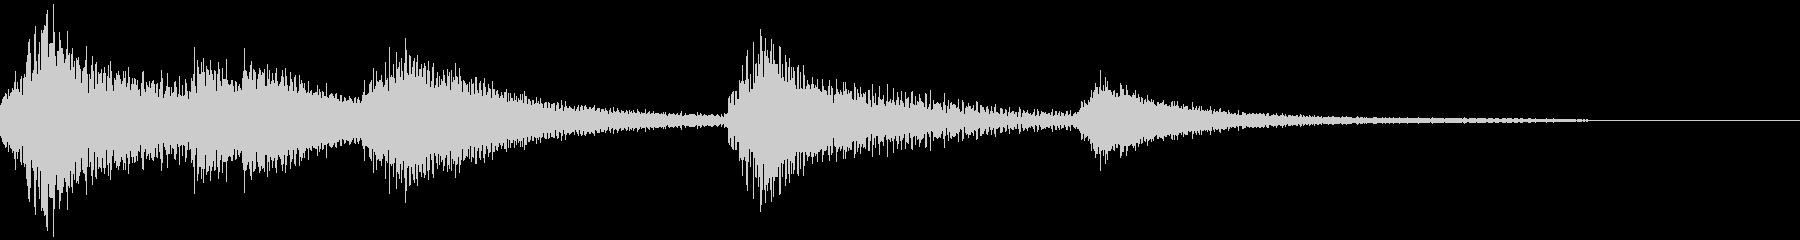 寂しげで美しいピアノのジングル15の未再生の波形